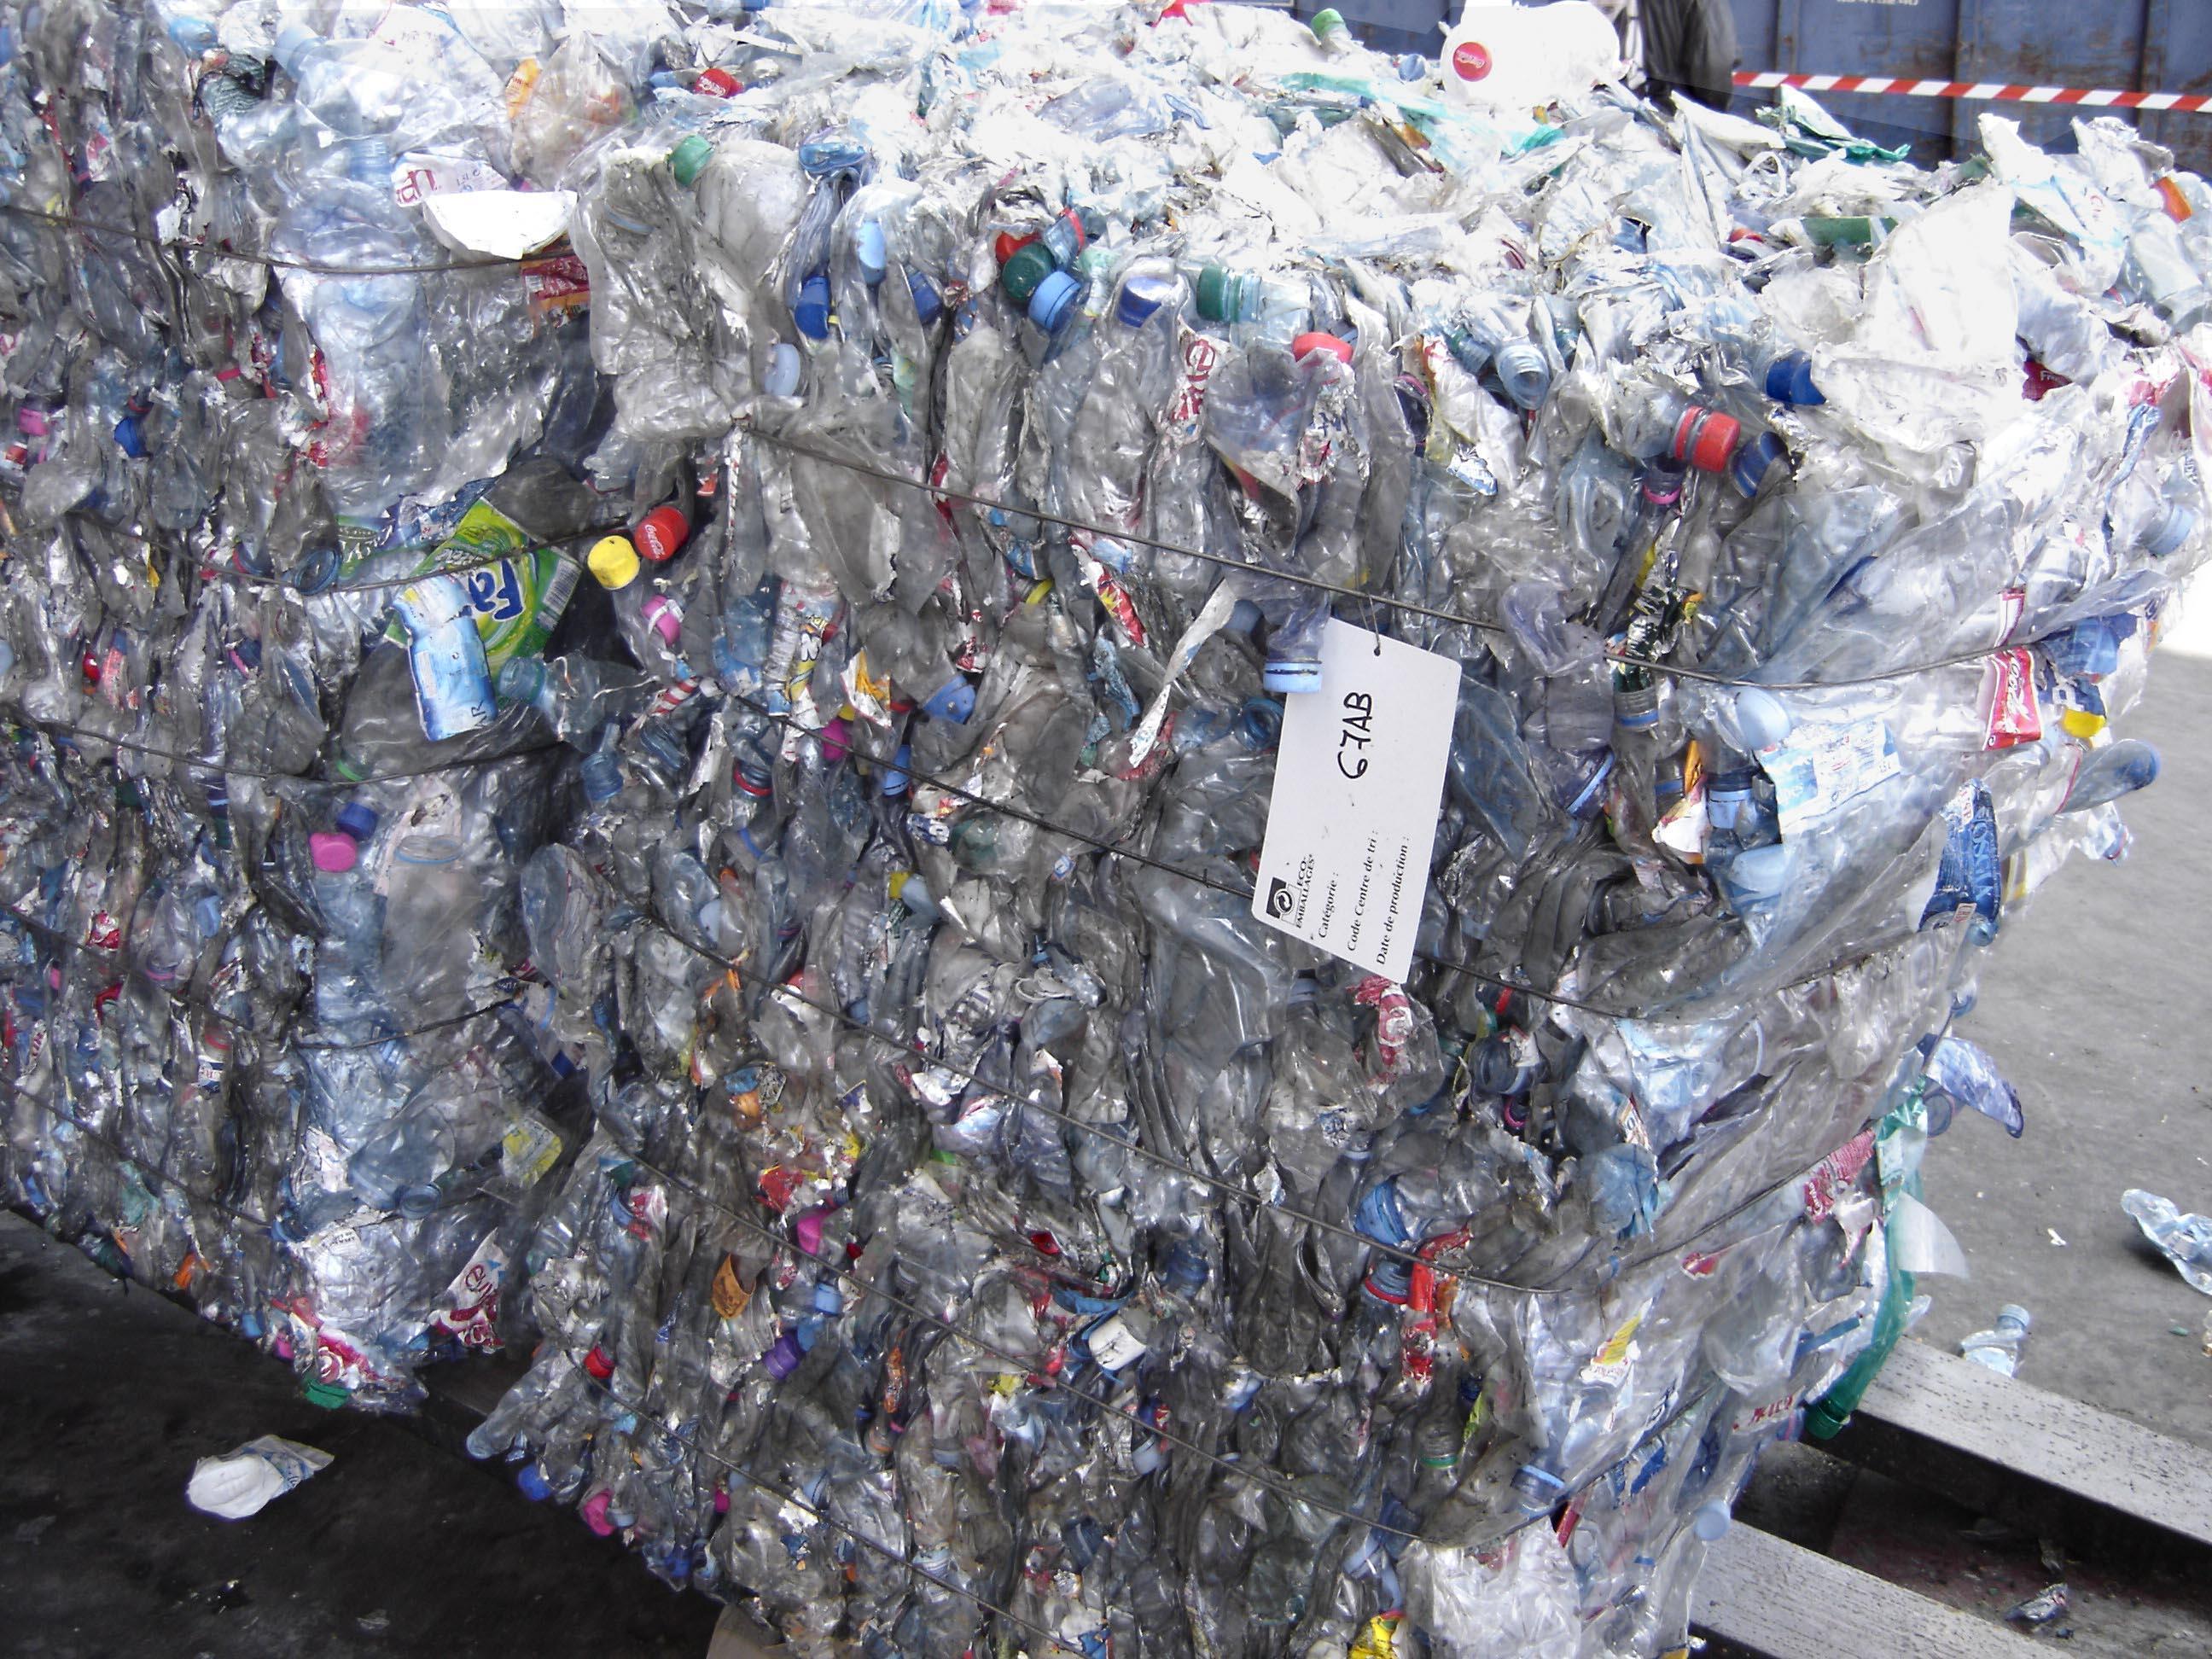 Ballots de bouteilles de plastique après tri des déchets.